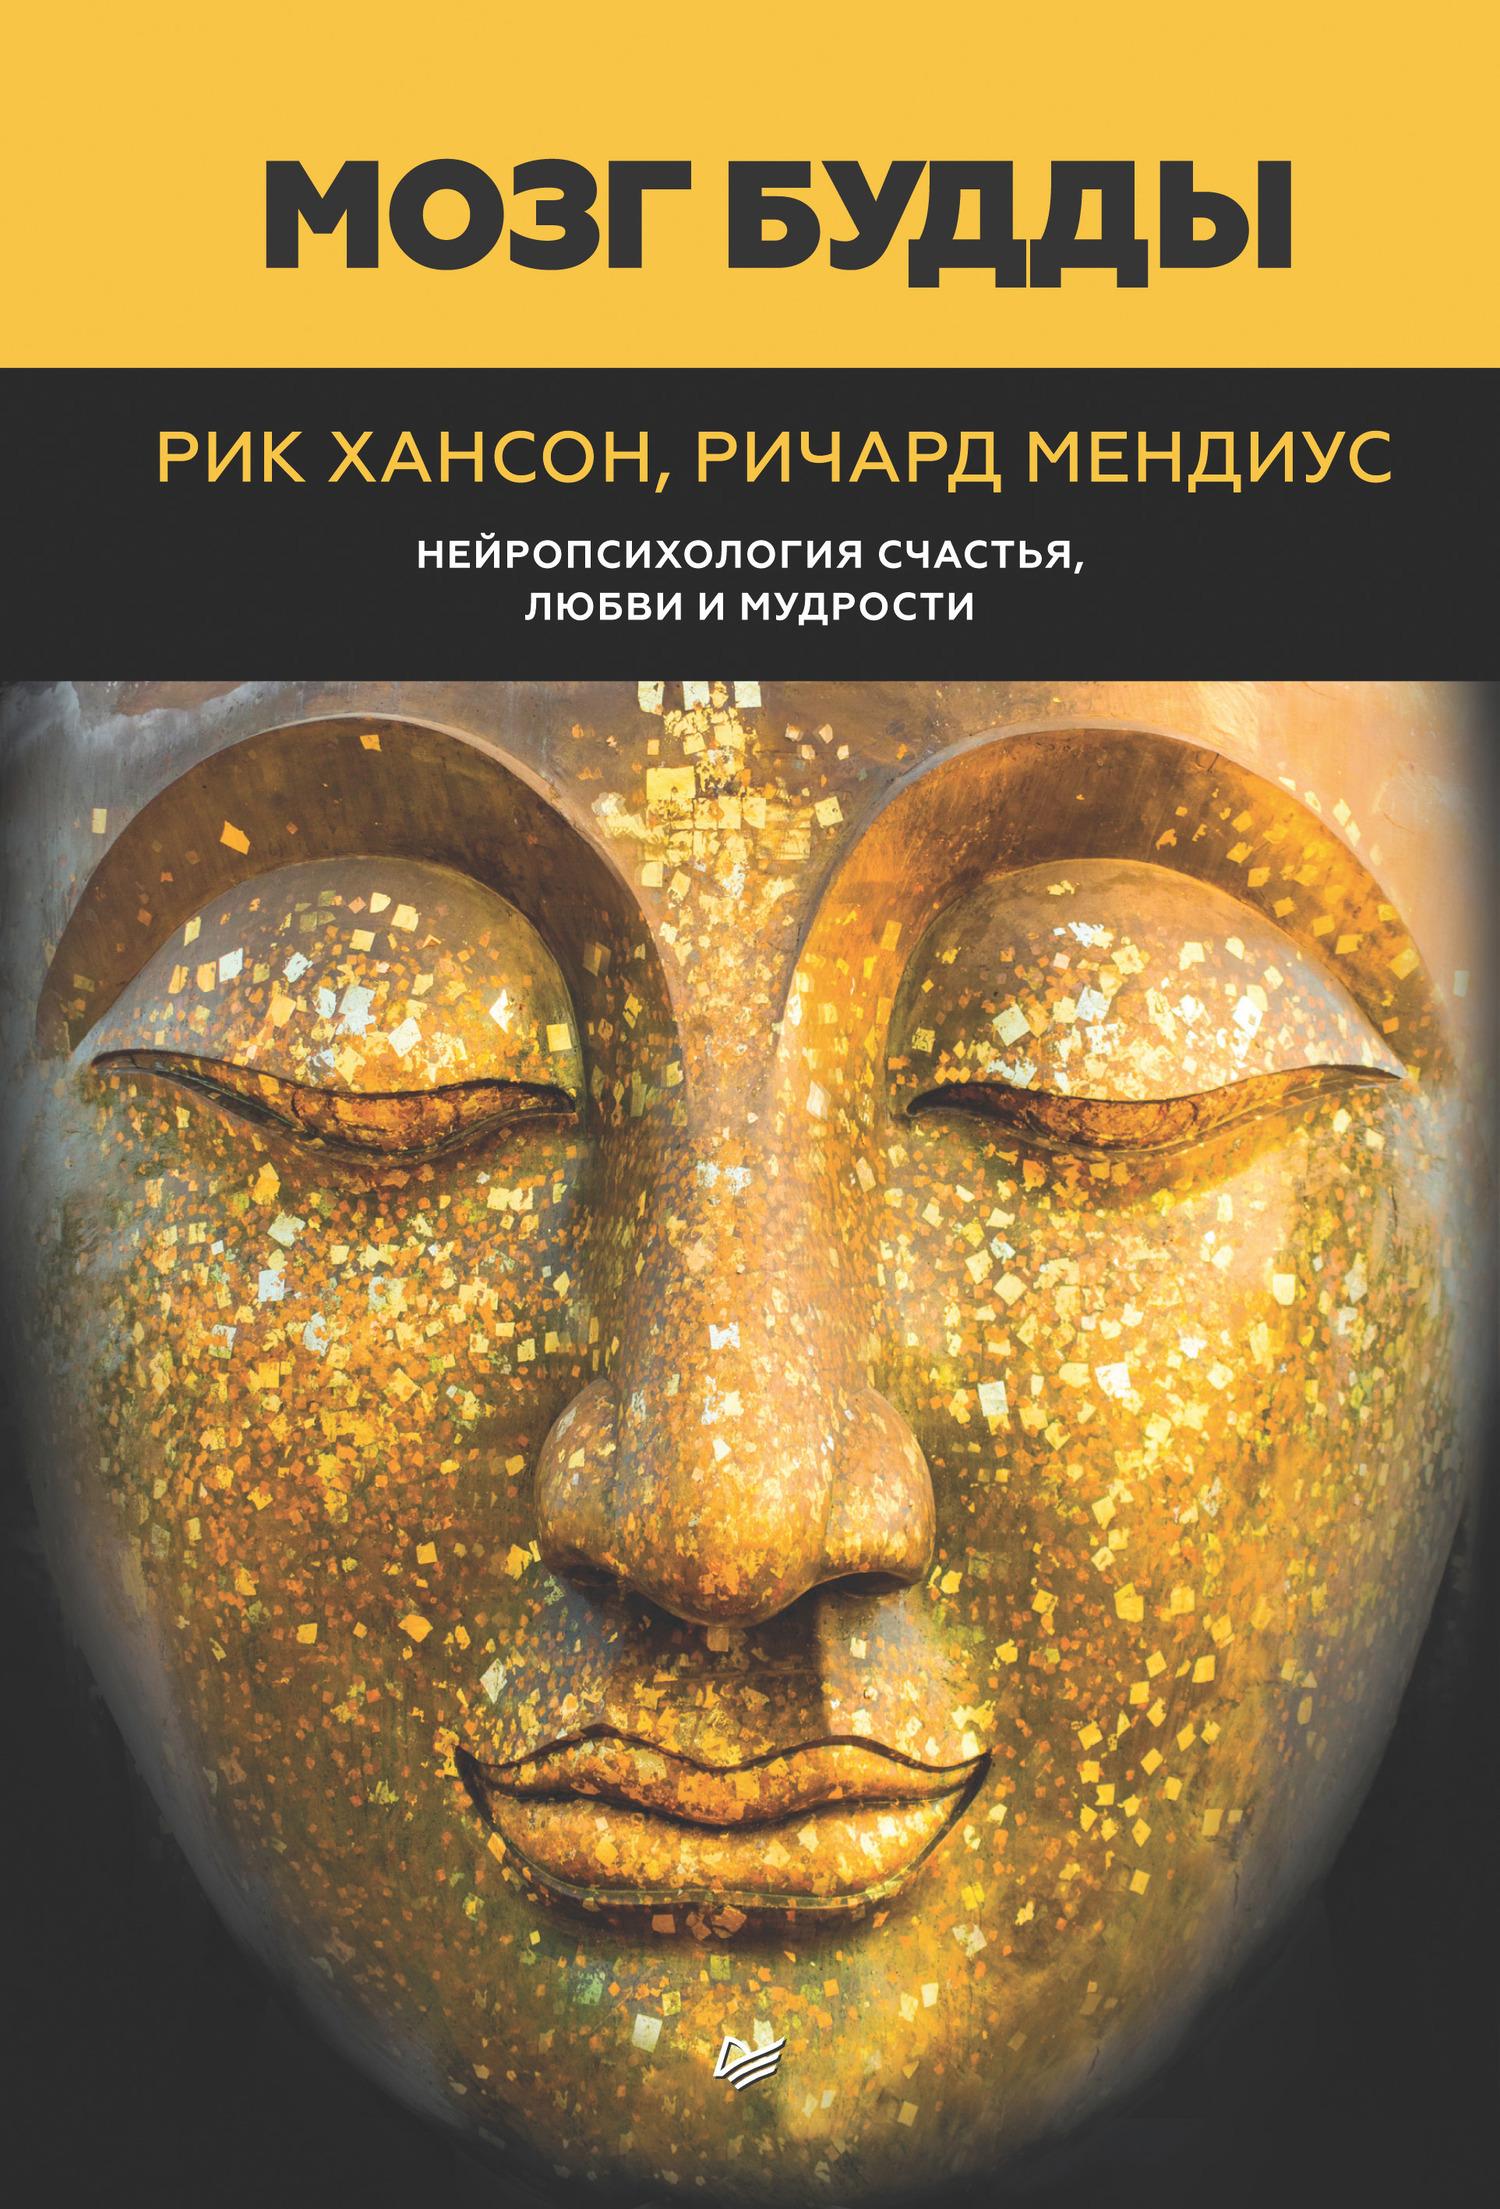 Книга Мозг Будды: нейропсихология счастья, любви и мудрости